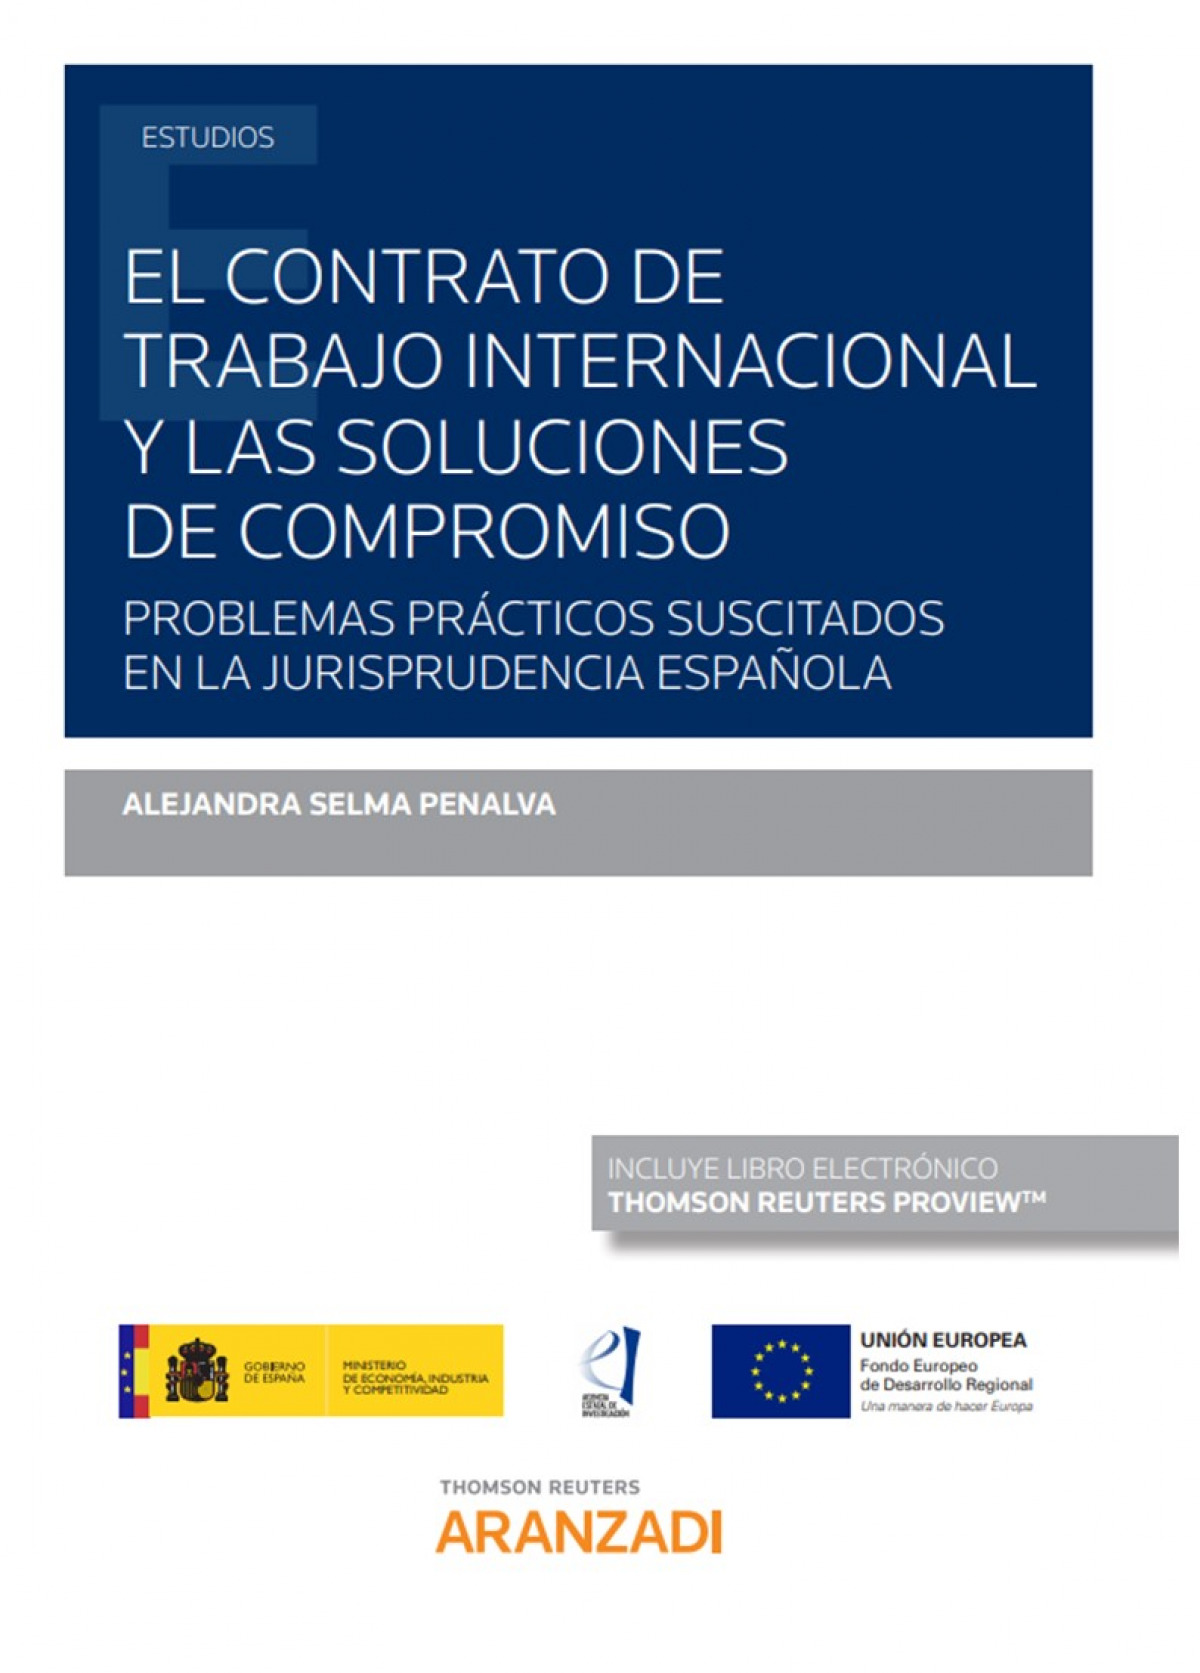 Contrato de trabajo internacional y las soluciones de compromiso, El